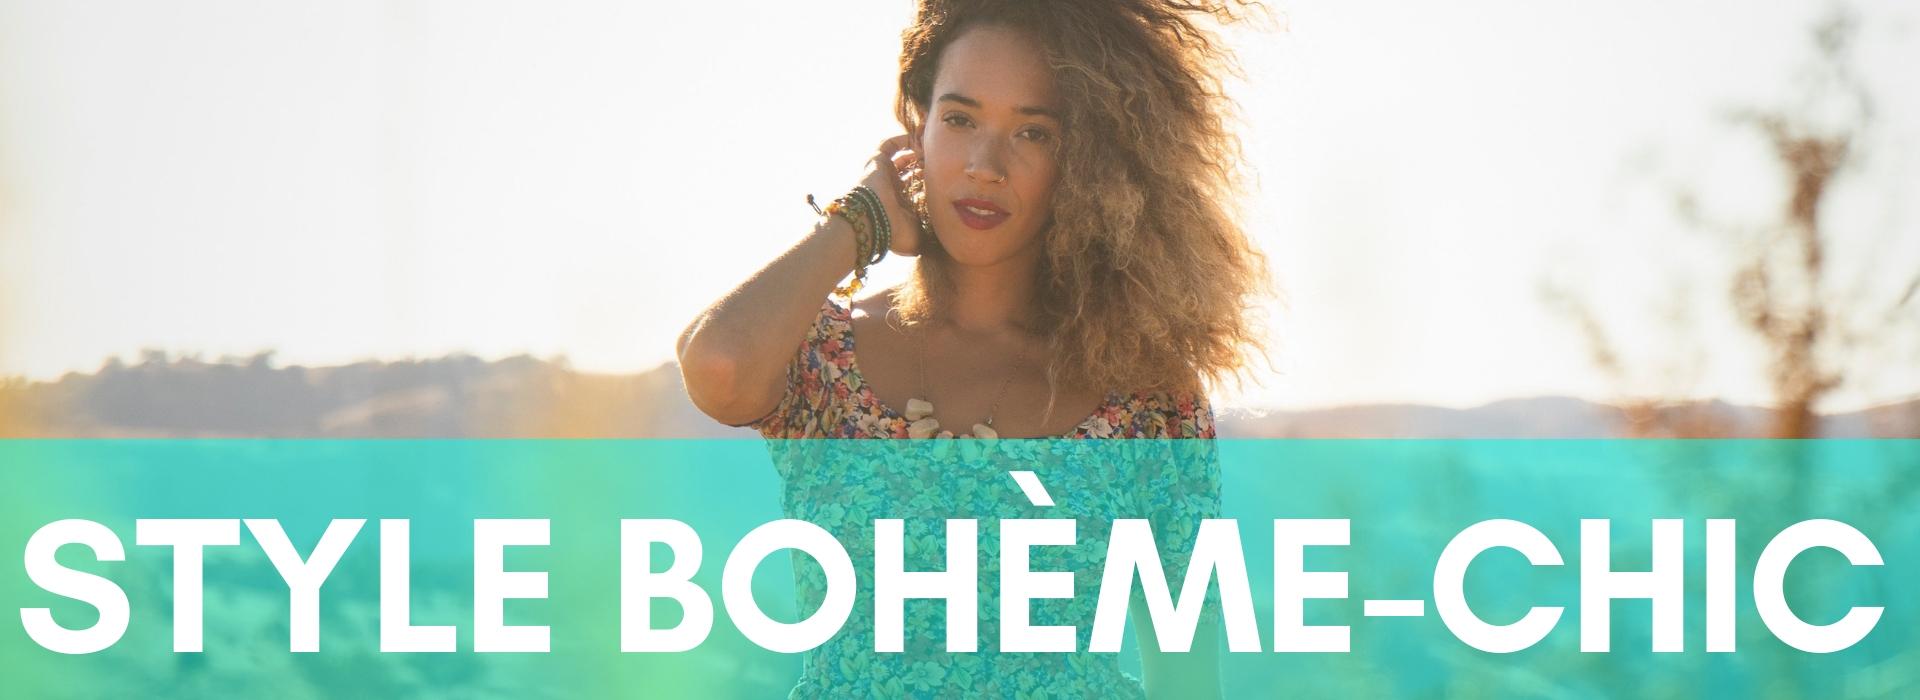 style boho bohème-chic